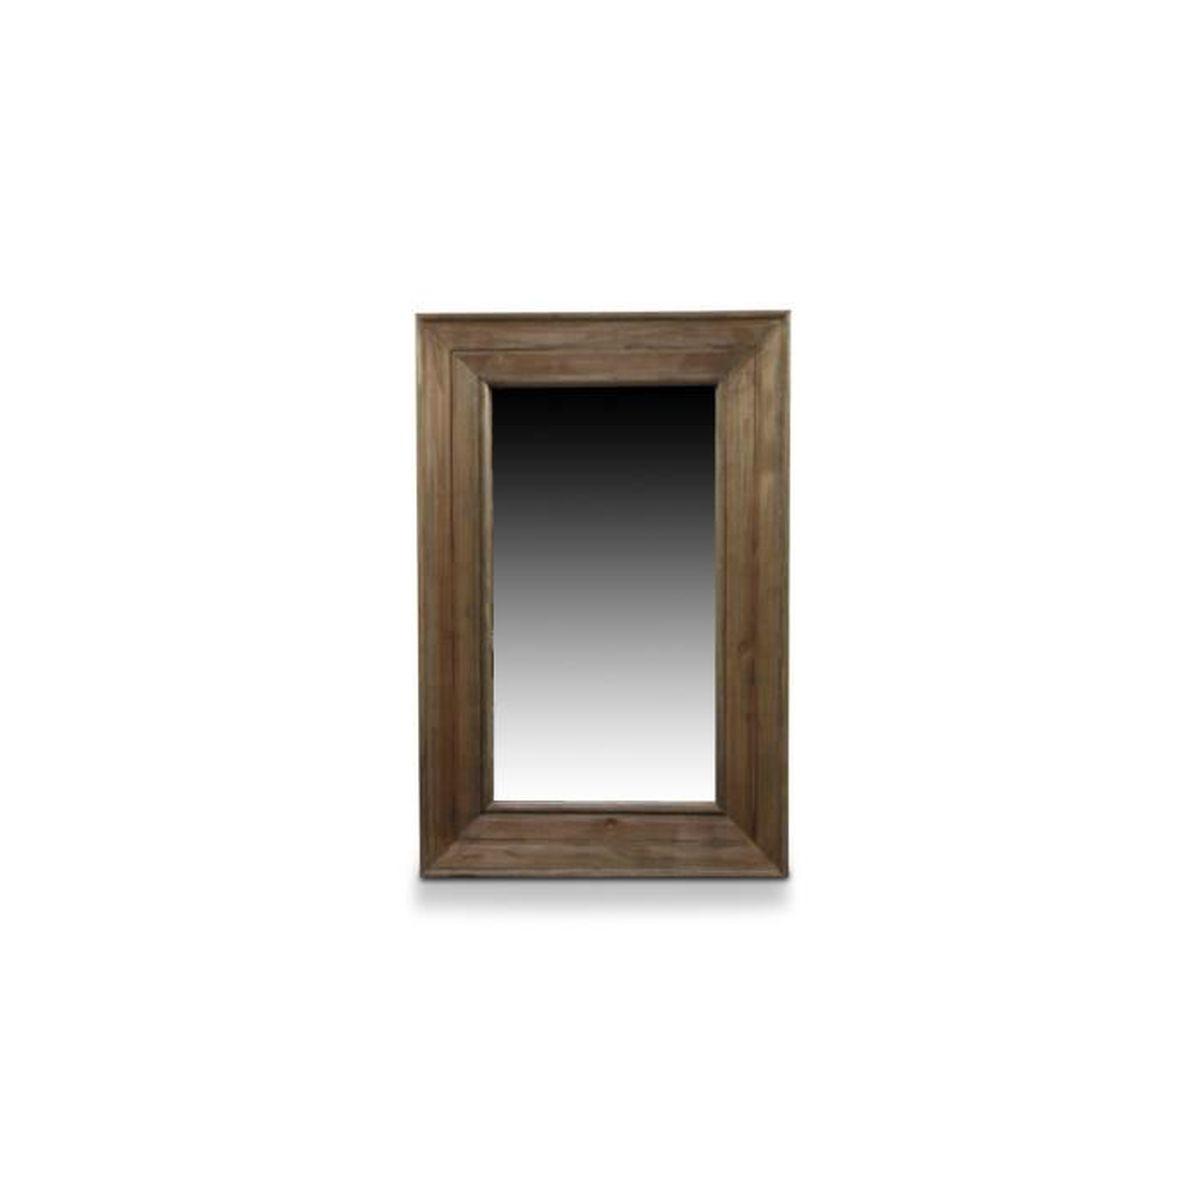 Miroir ancien rectangulaire vertical bois for Miroir vertical